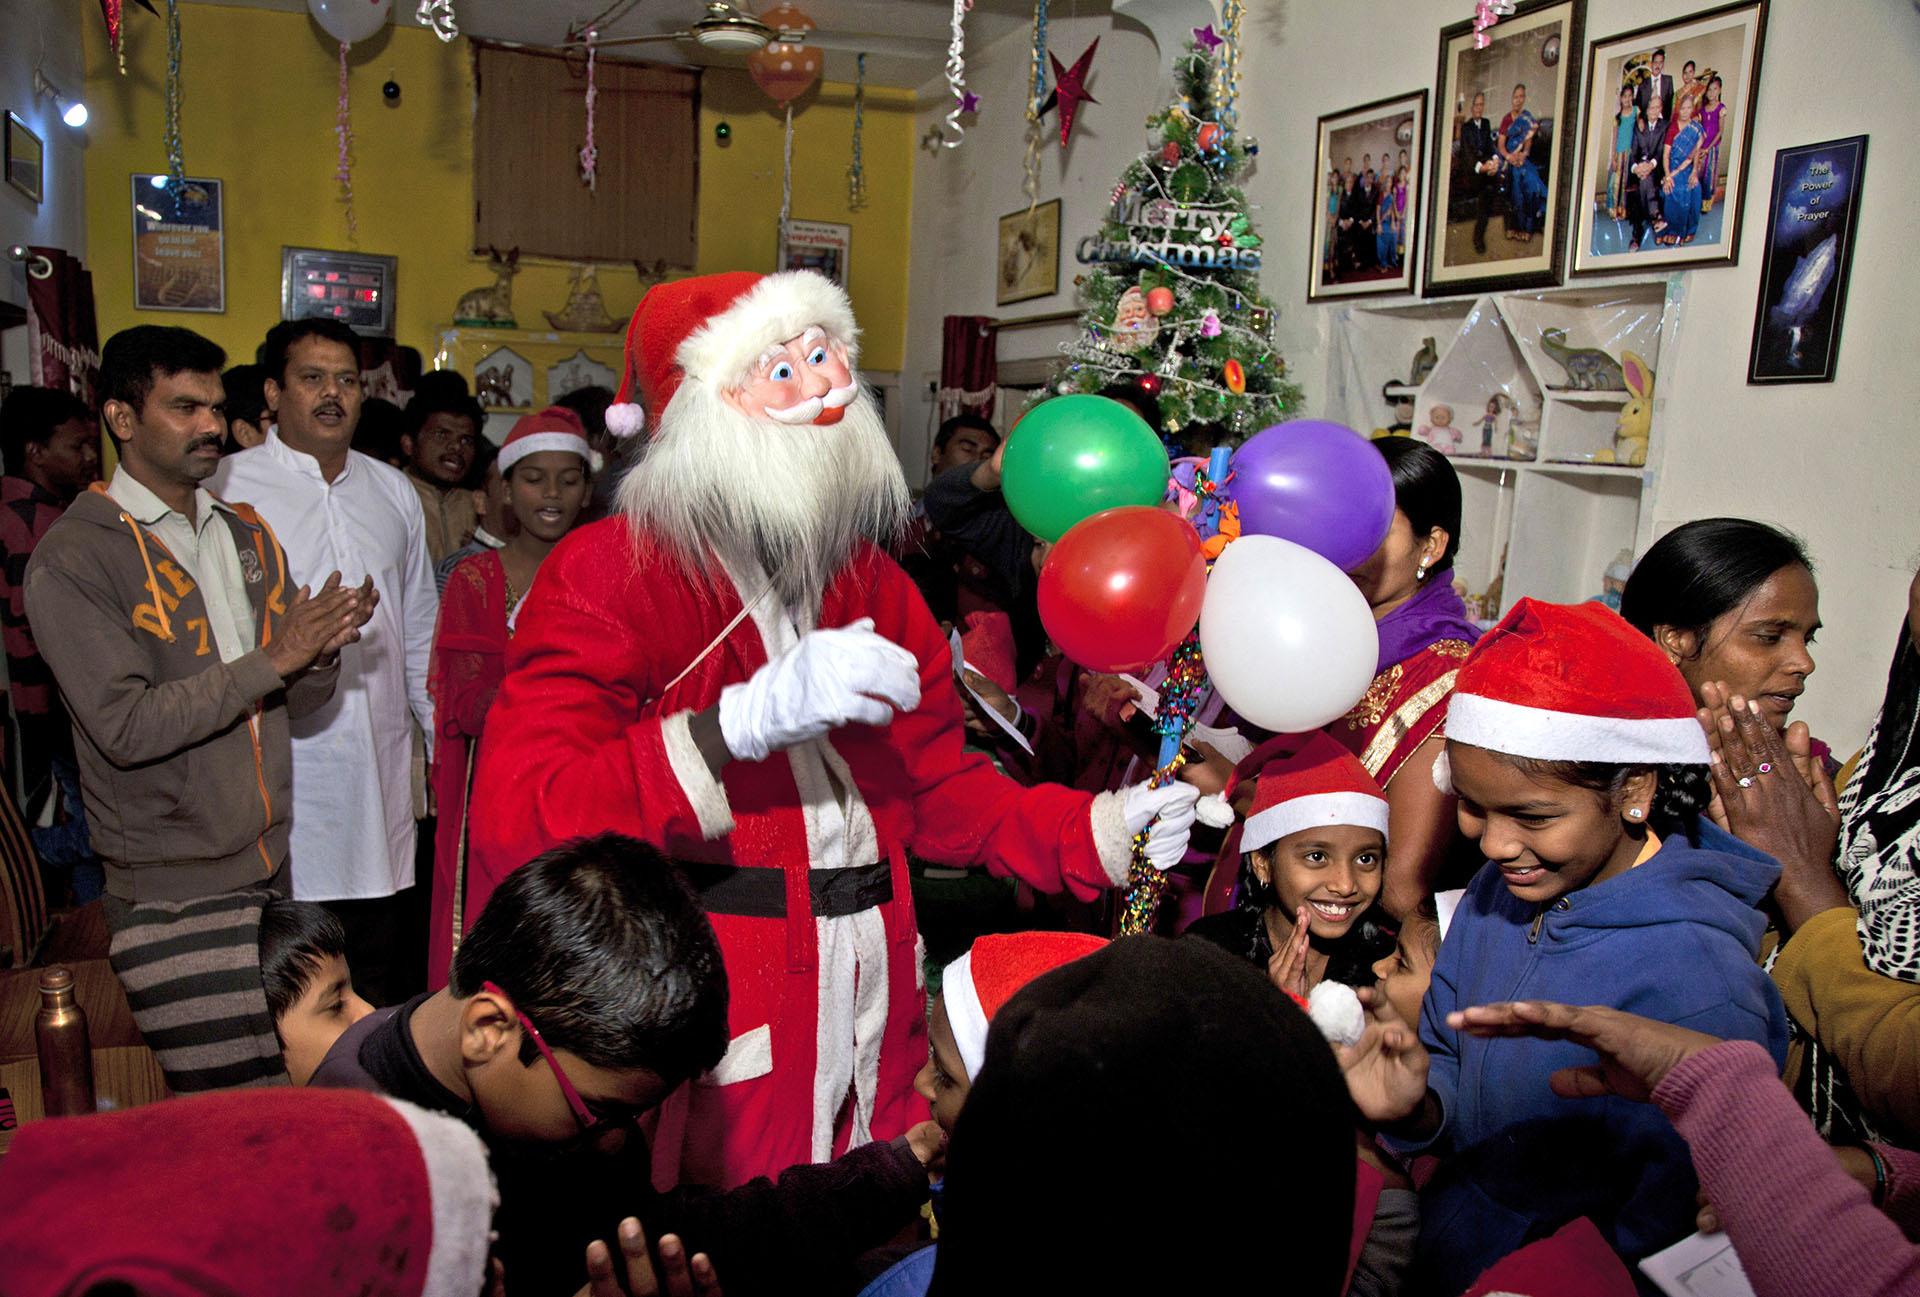 un indio vestido de Santa Claus canta villancicos navideños con niños en Hyderabad, India, el 19 de diciembre de 2017. (AP)